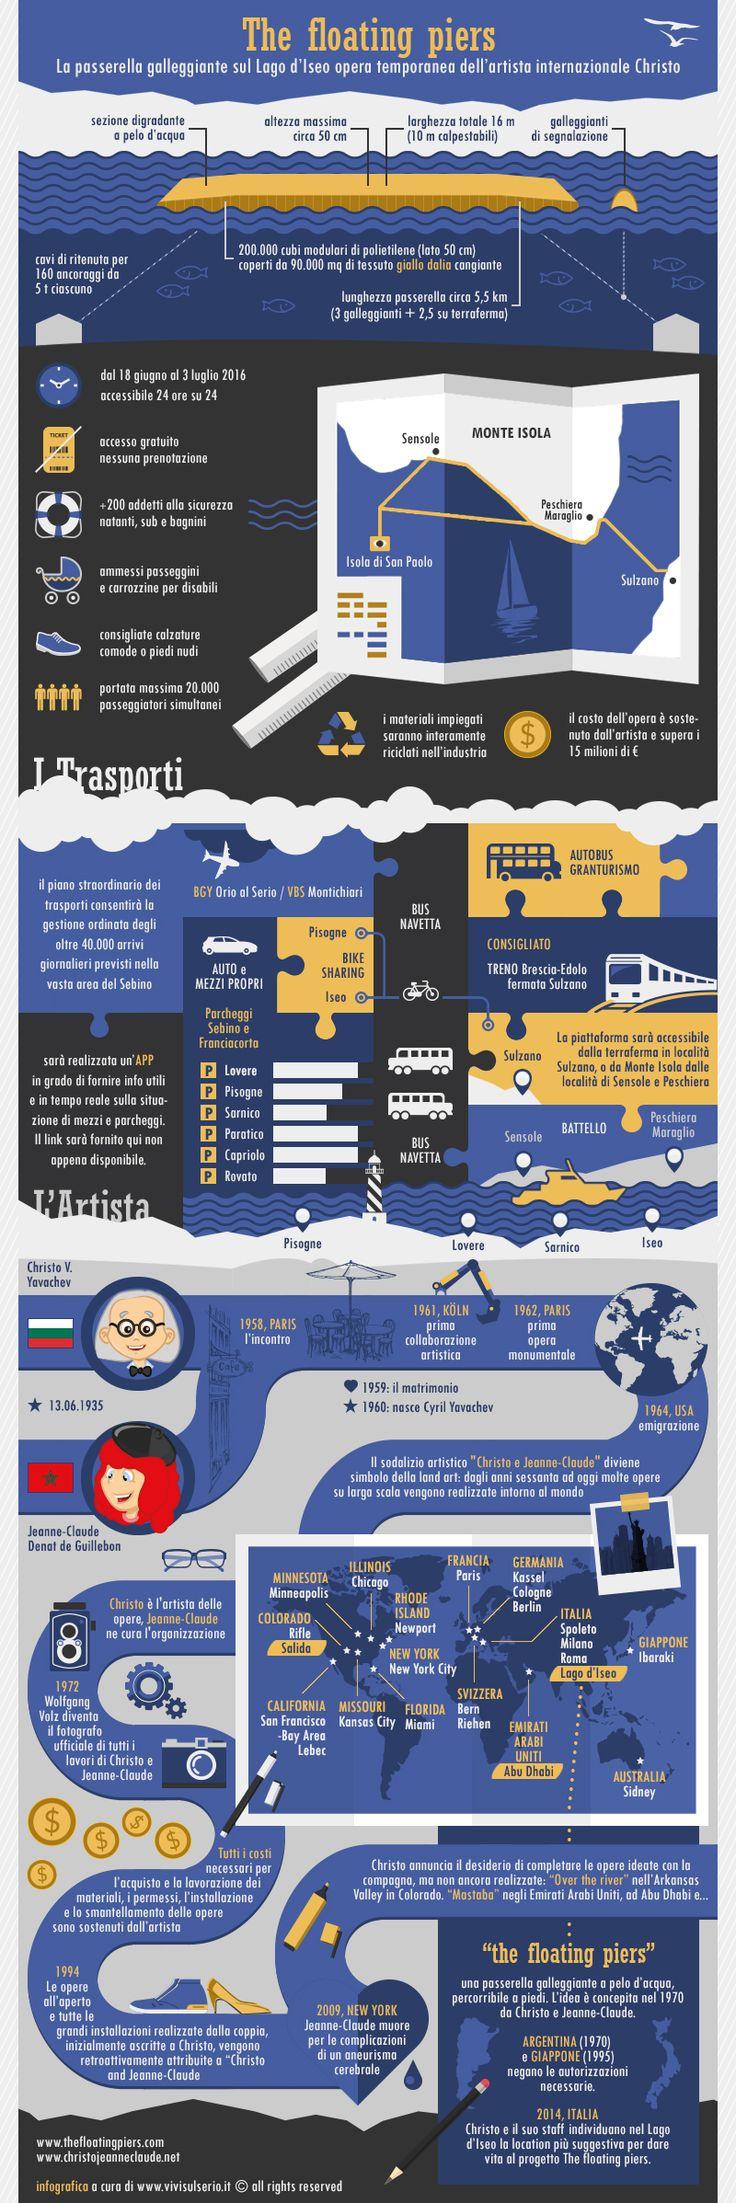 Infografica dedicata a The floating piers: tutte le informazioni utili e le curiosità sull'opera dell'artista Christo #thefloatingpiers #christo